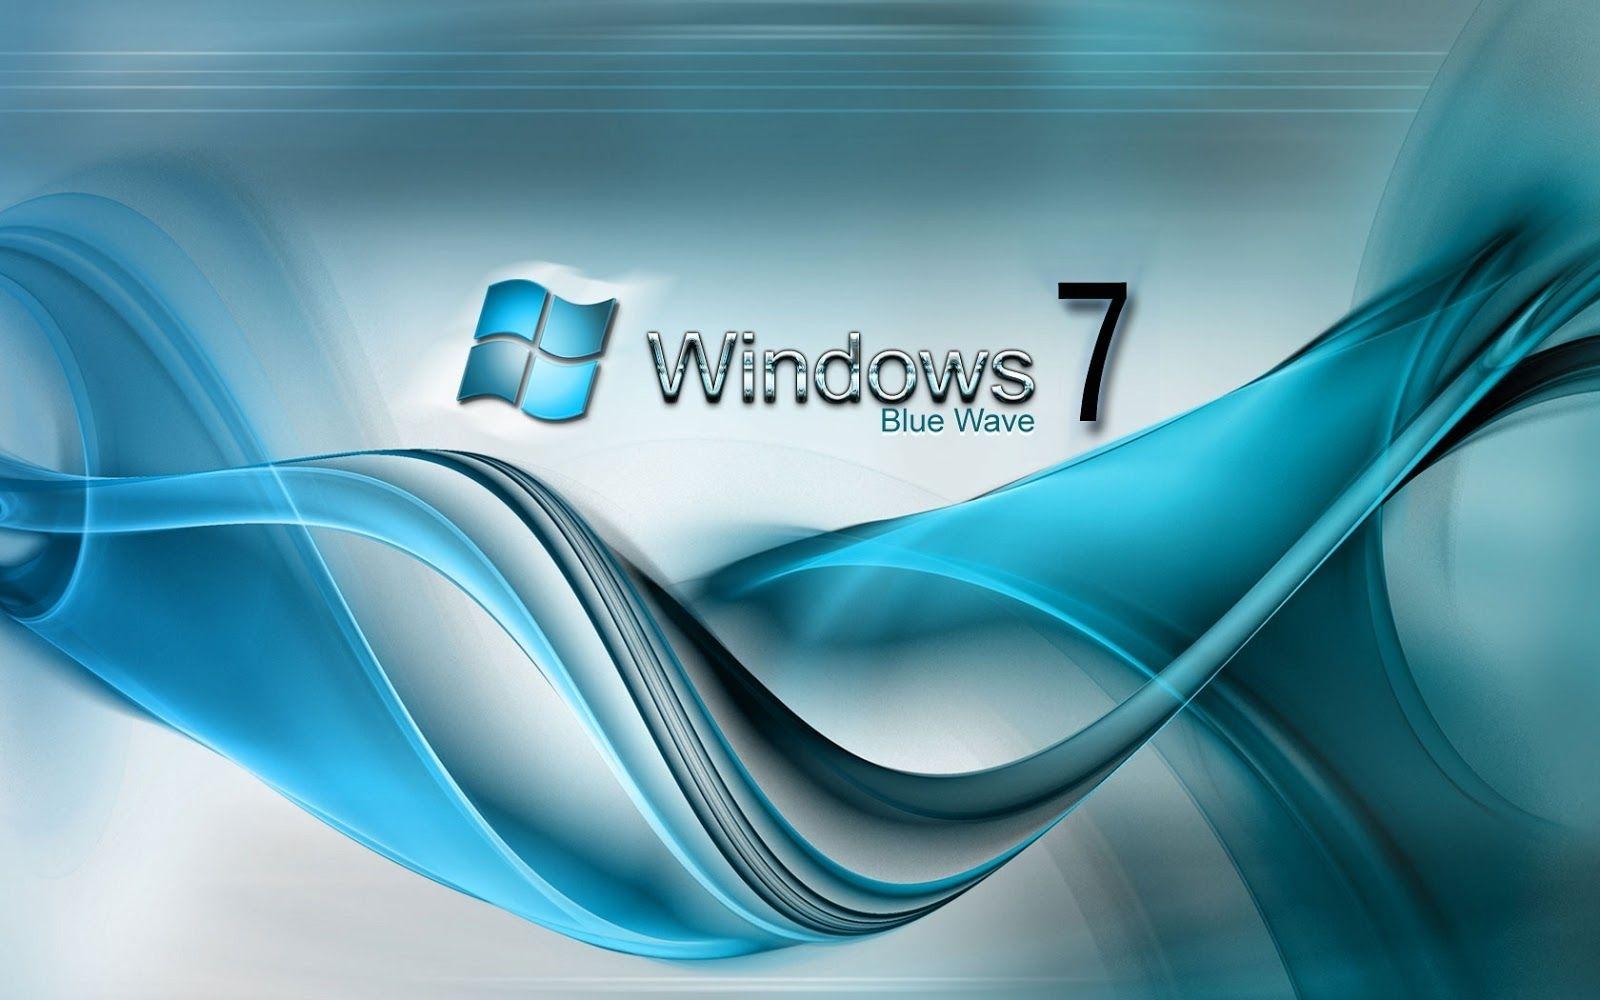 10 Latest 3d Wallpaper For Laptop Full Hd 1080p For Pc Desktop: 10 Latest 3D Wallpaper For Laptop FULL HD 1080p For PC Desktop